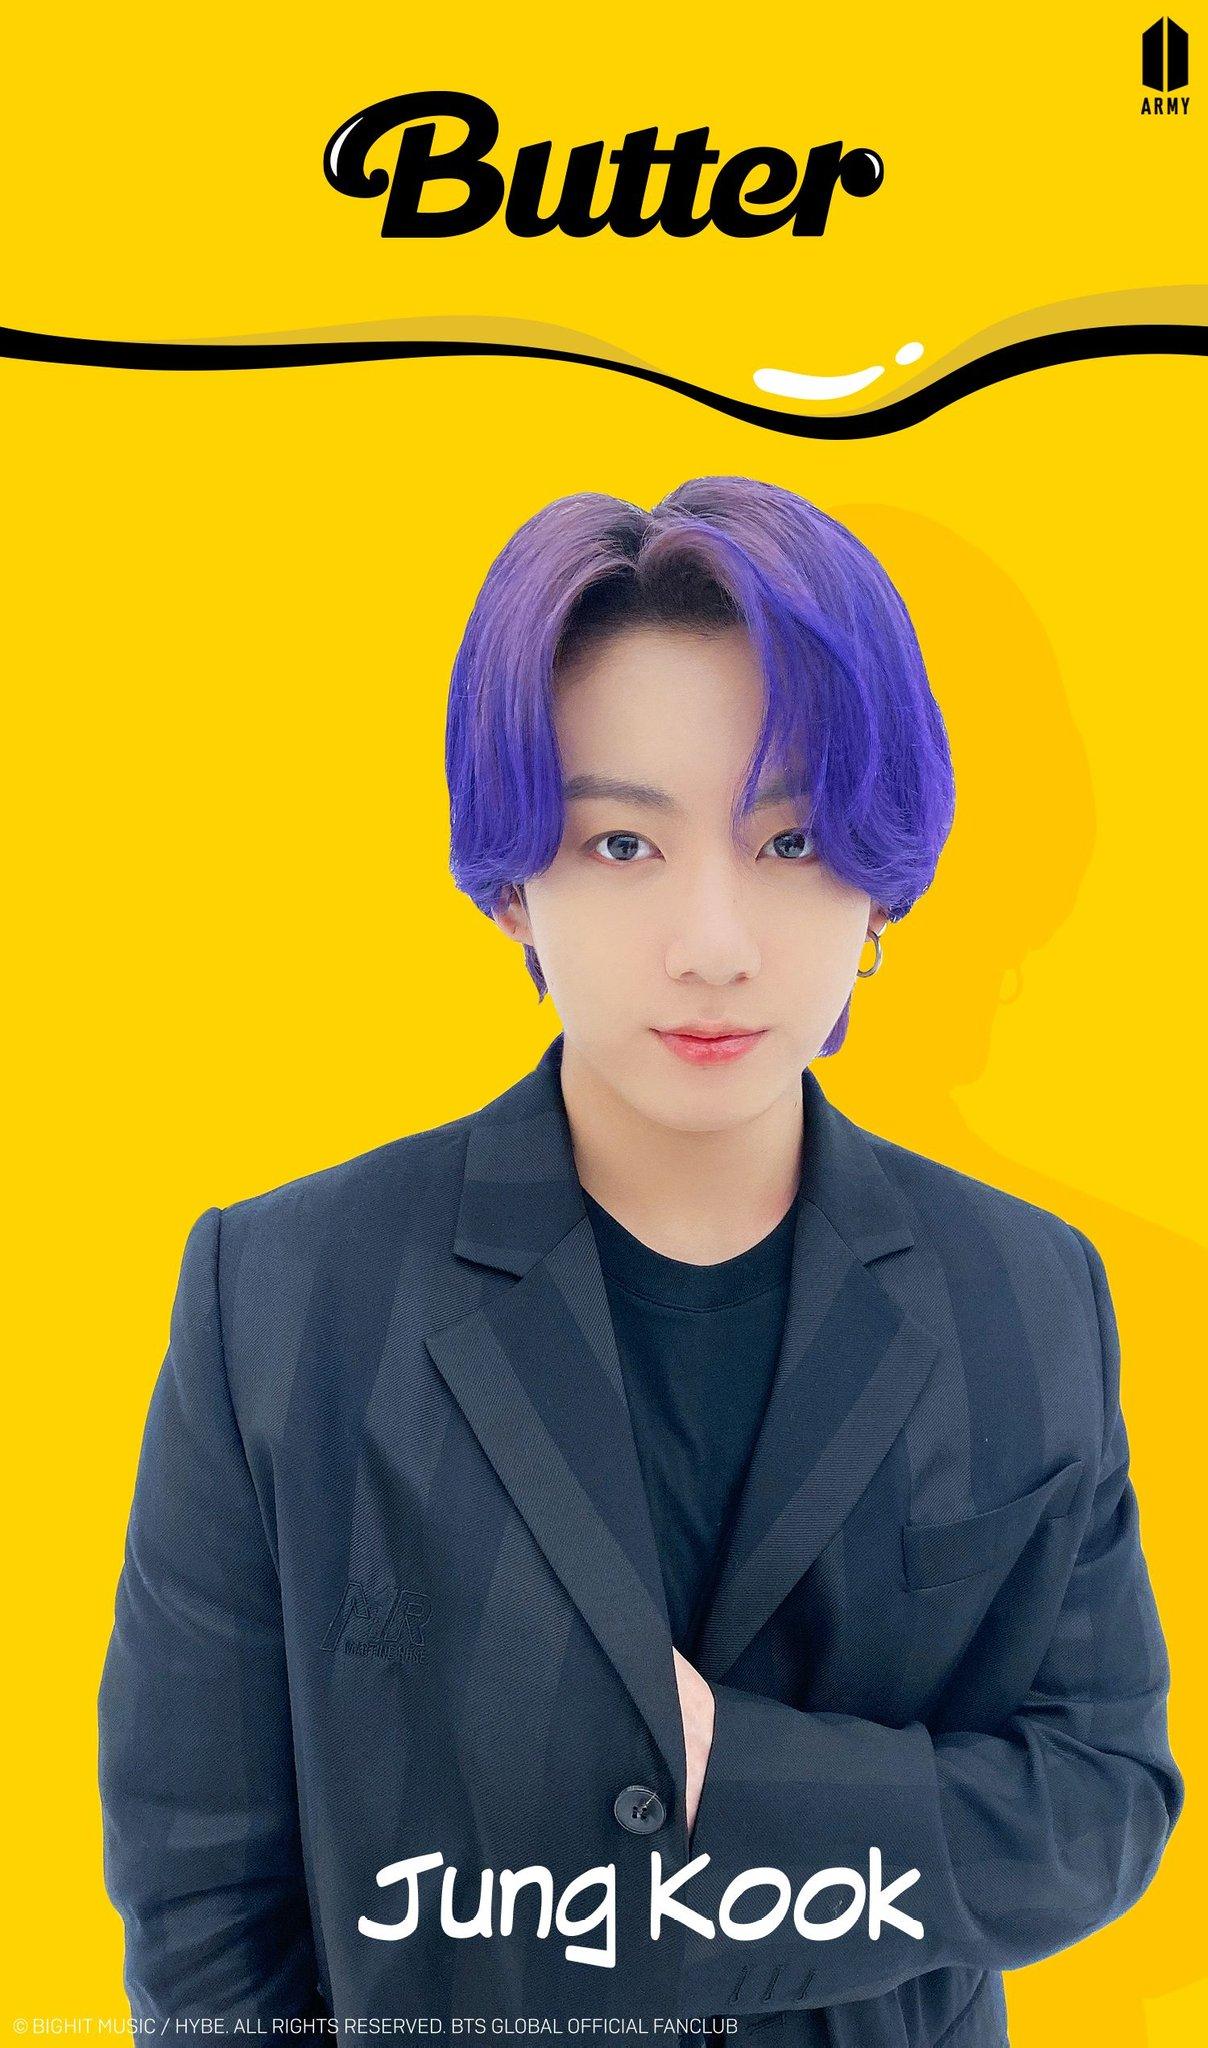 RM y Jungkook de BTS se apoderan de las tendencias con sus nuevos colores de cabello